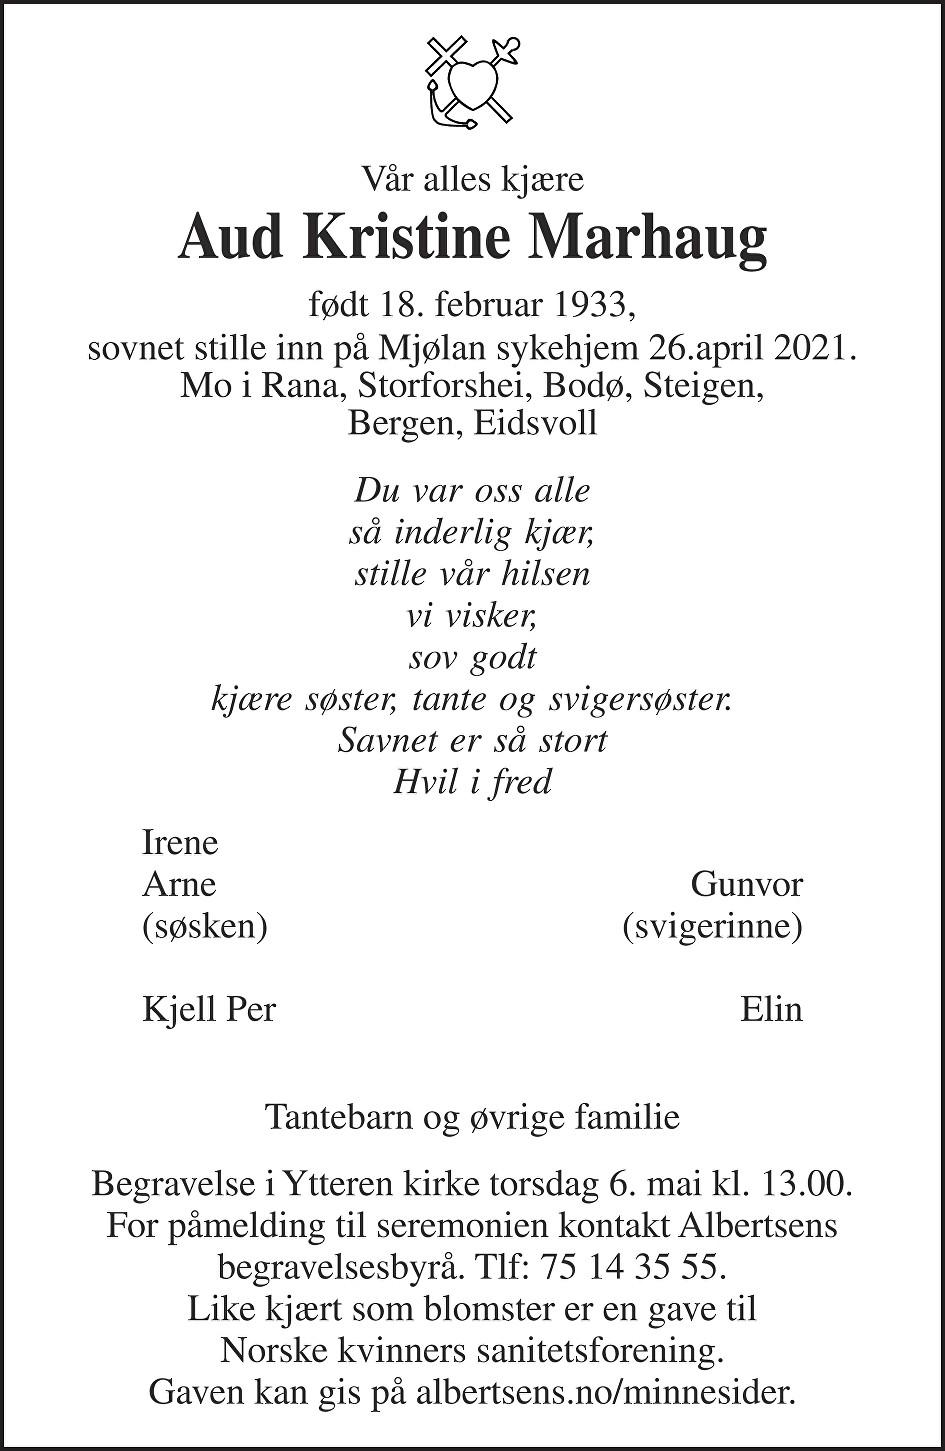 Aud Kristine Marhaug Dødsannonse